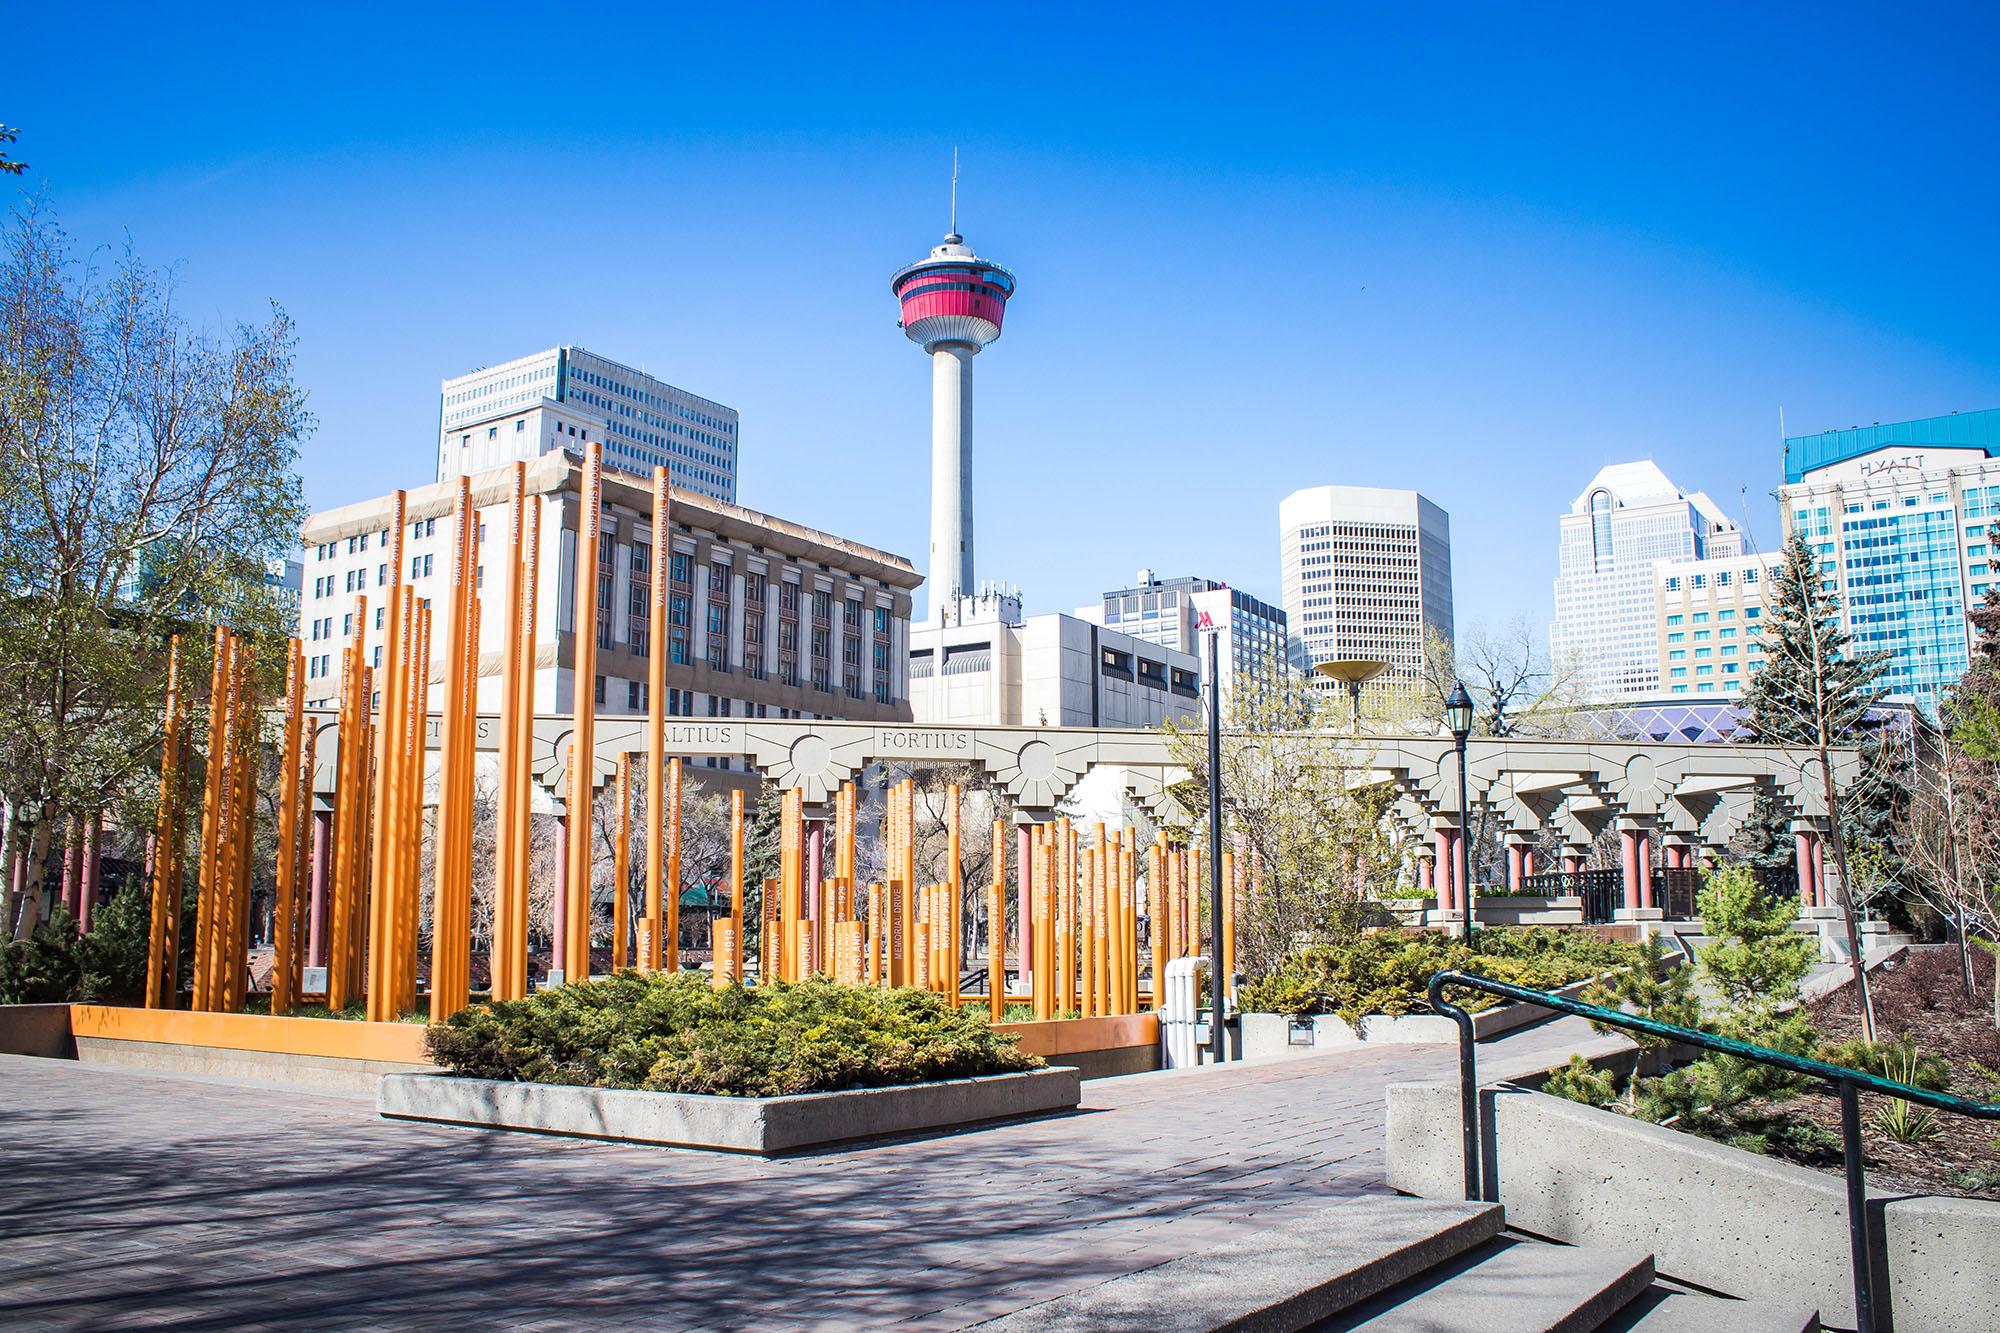 Olympic Plaza, à la découverte de Calgary